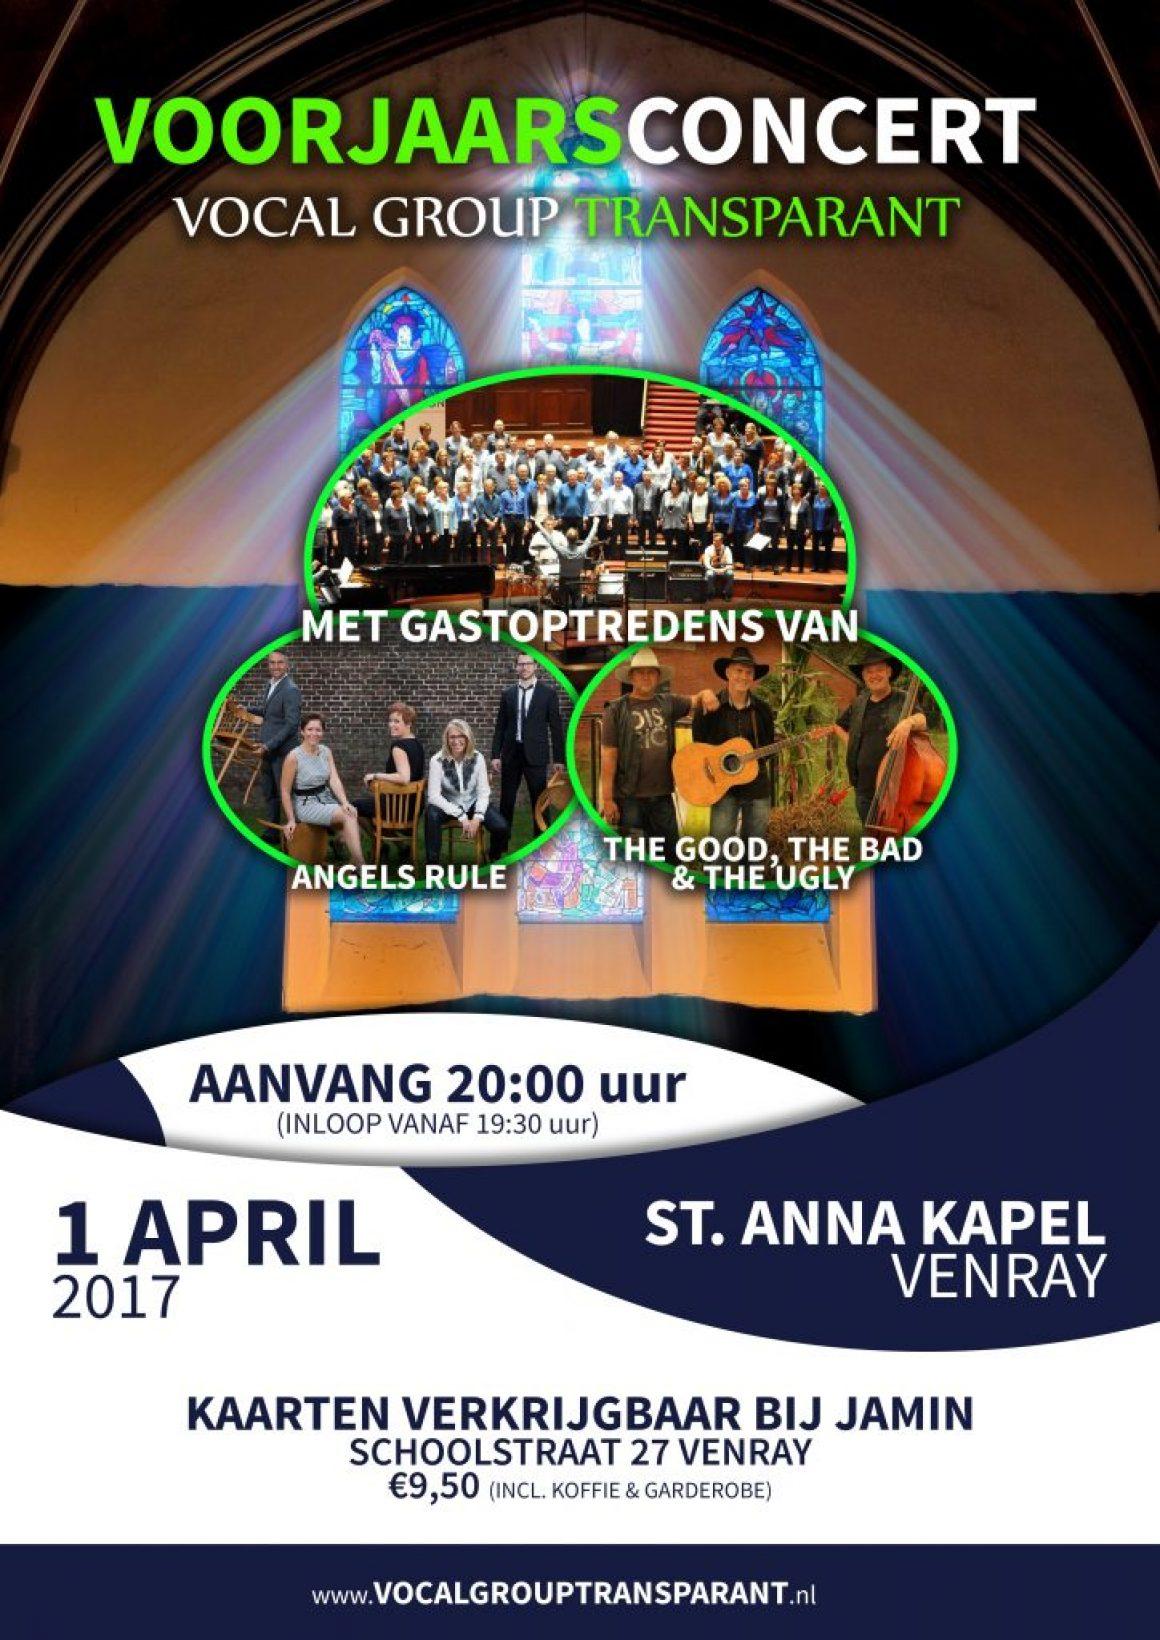 Voorjaarsconcert 1 april 2017 St. Anna Kapel